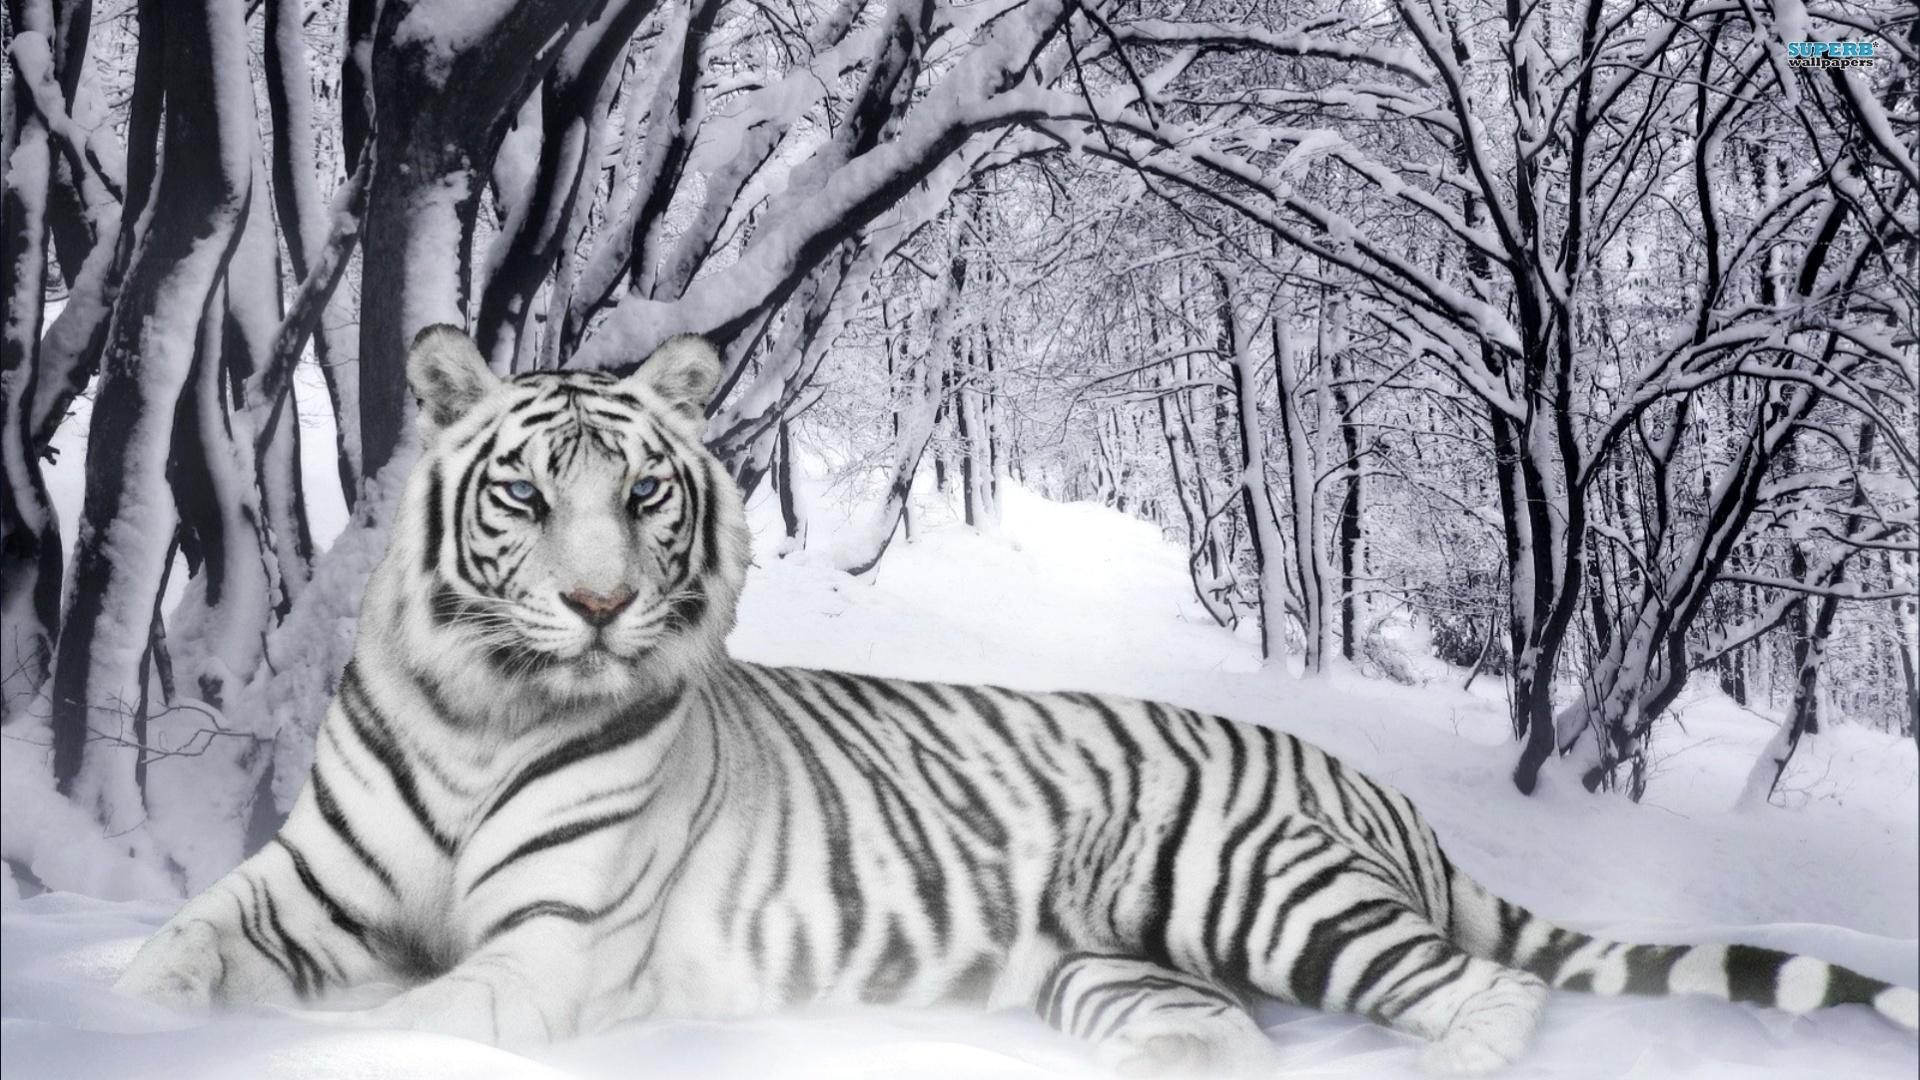 White Tiger Wallpaper Desktop Wallpaper 1920x1080